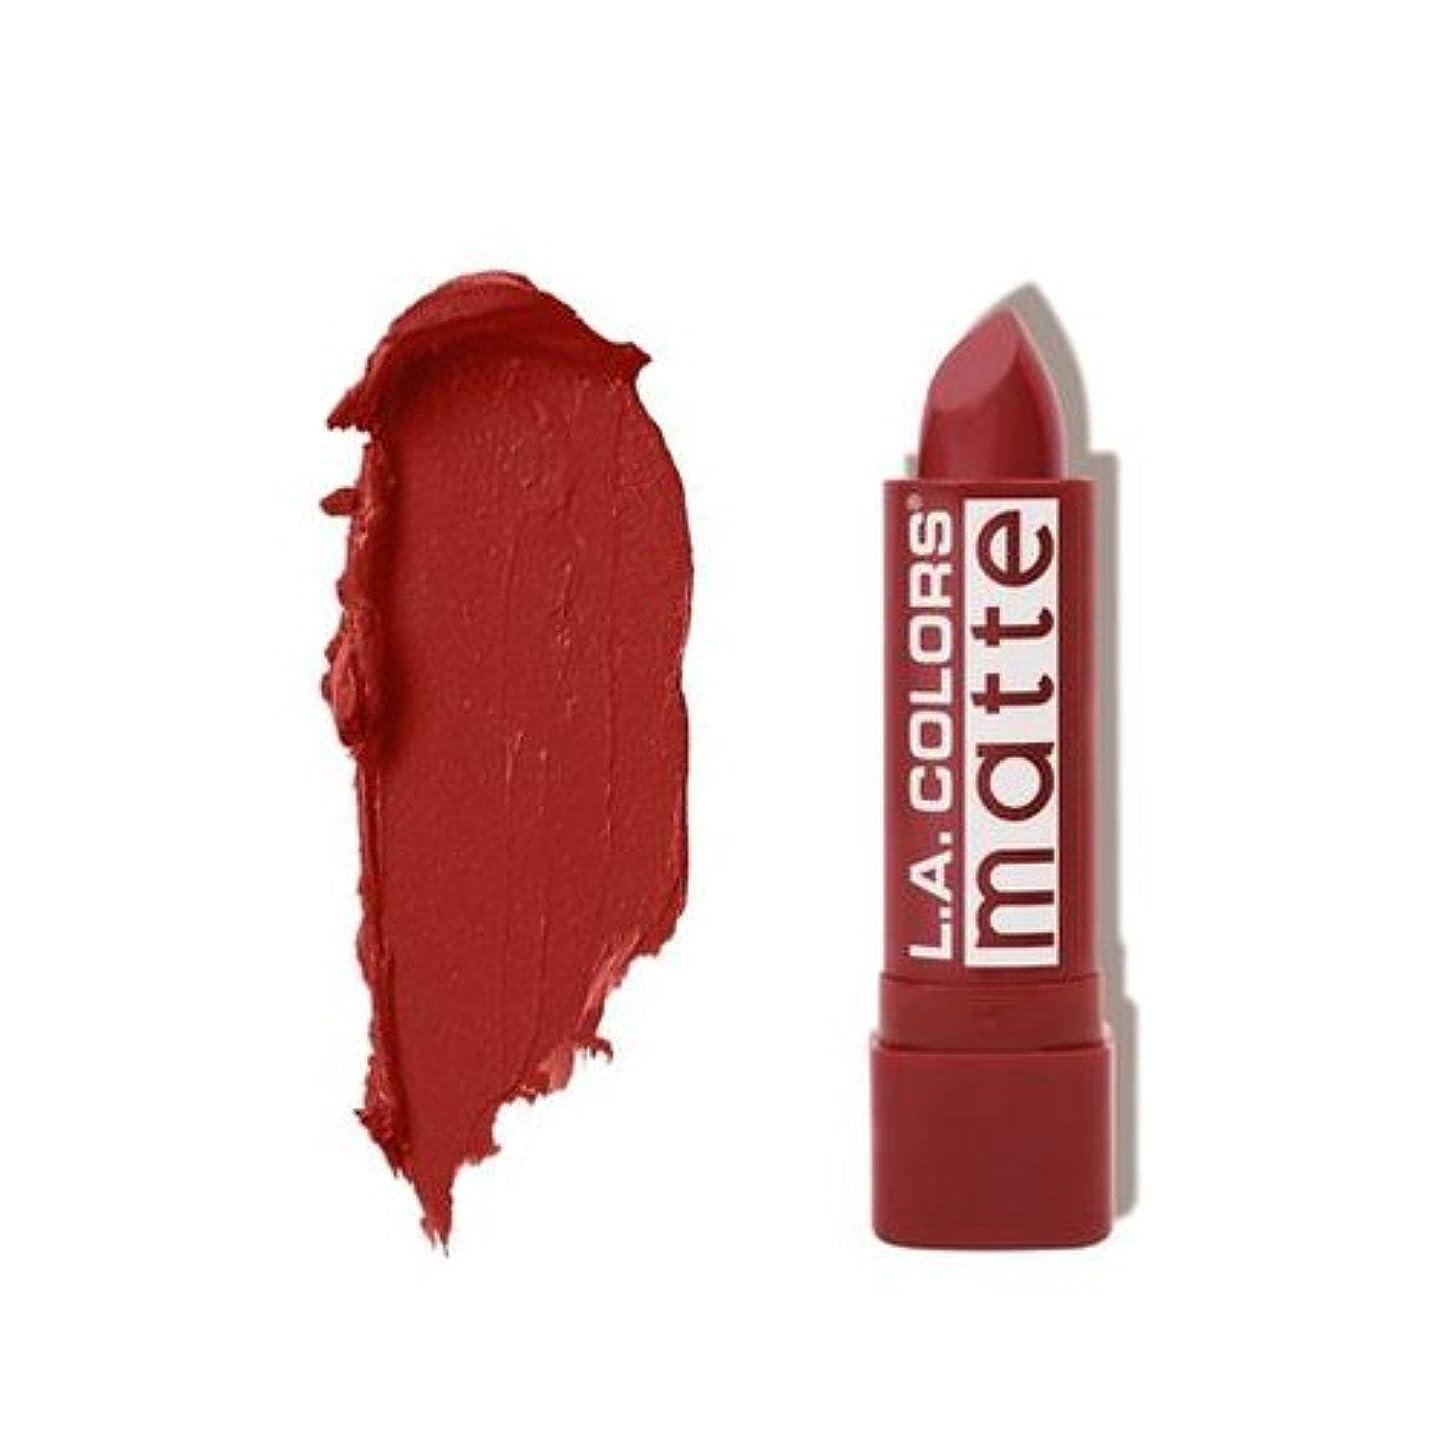 透過性櫛最初は(3 Pack) L.A. COLORS Matte Lip Color - Brick (並行輸入品)